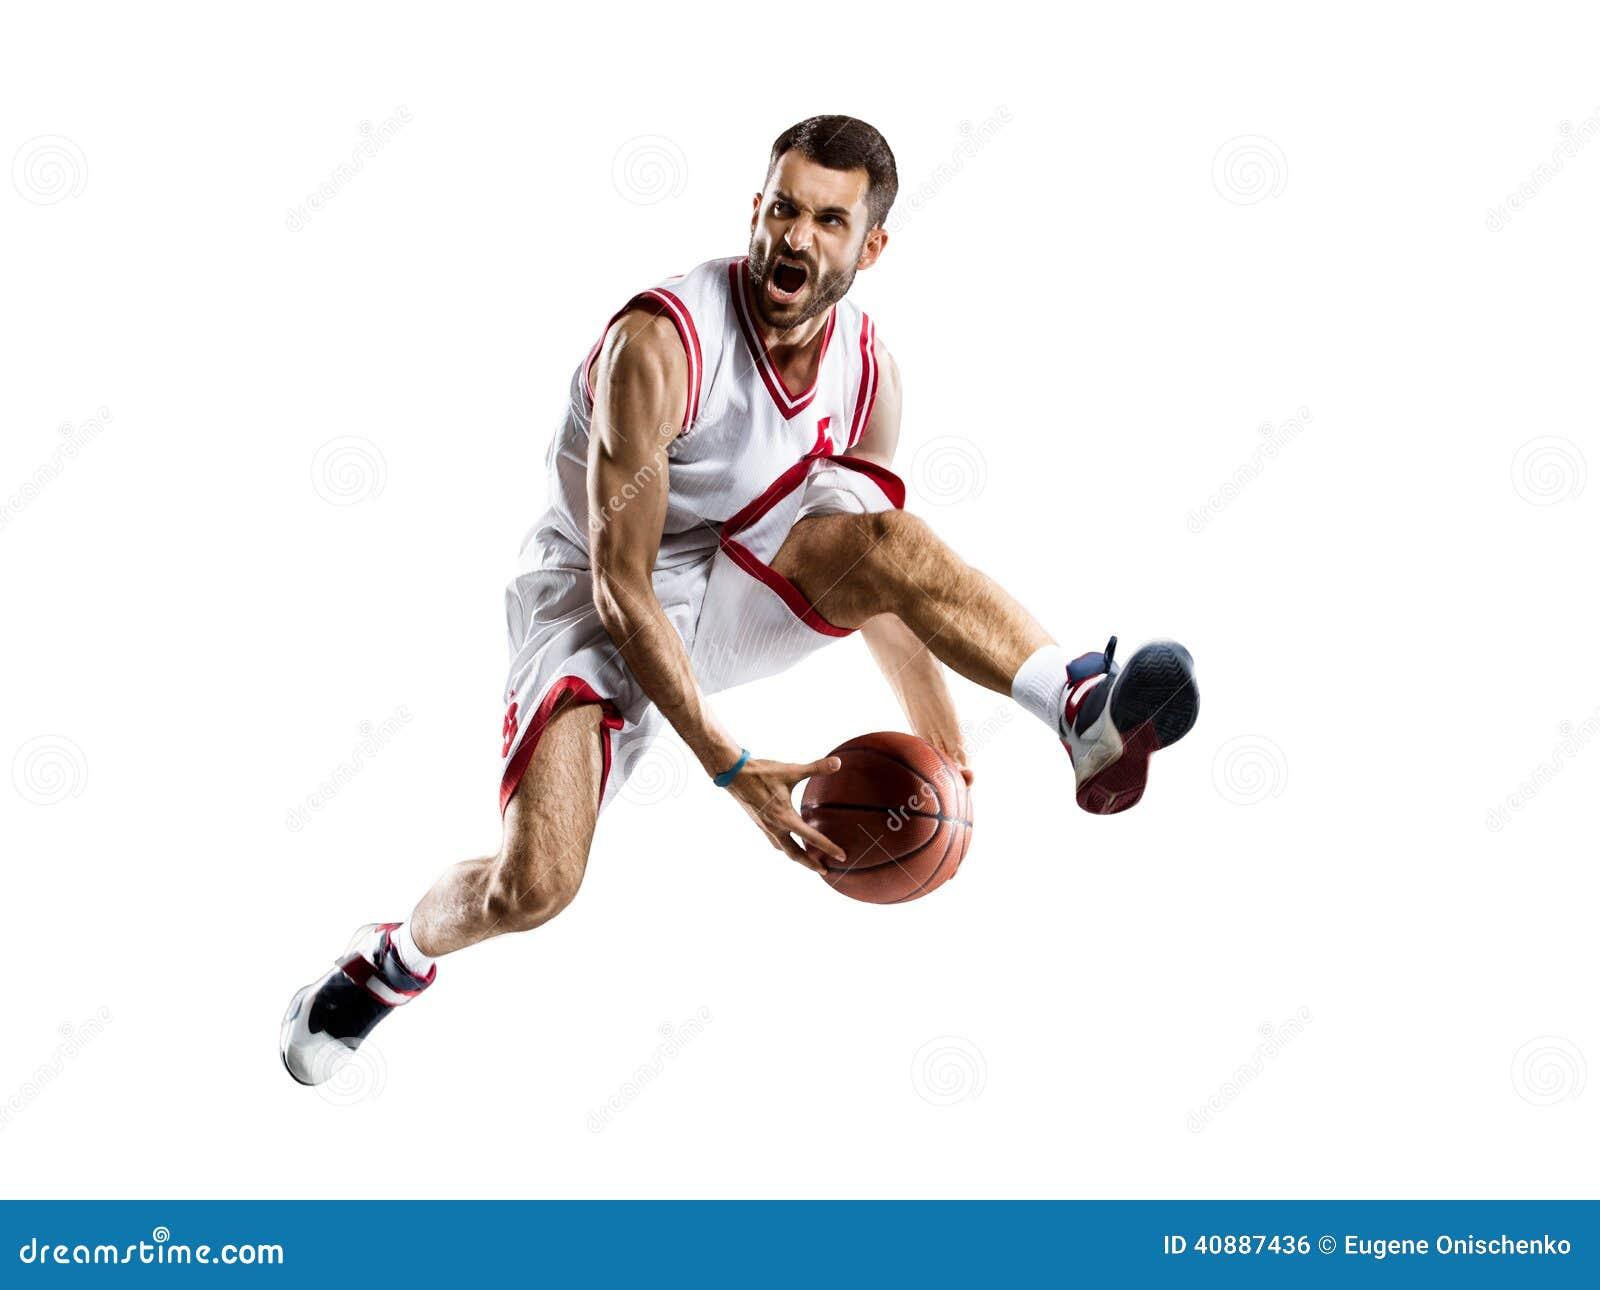 Gracz koszykówki w akci